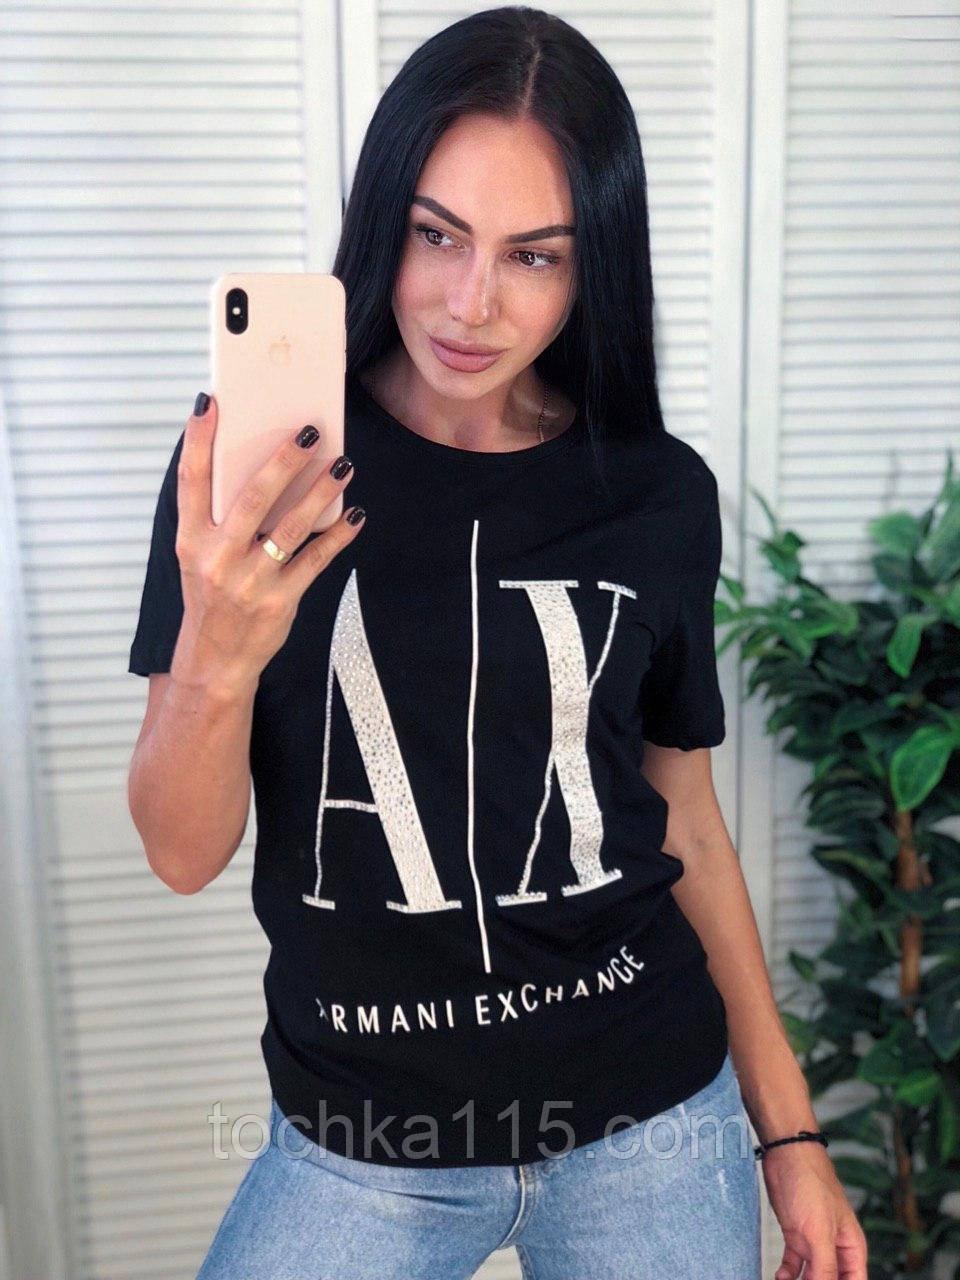 Легкая стильная футболка, Armani, S/M/L/XL, цвет черный